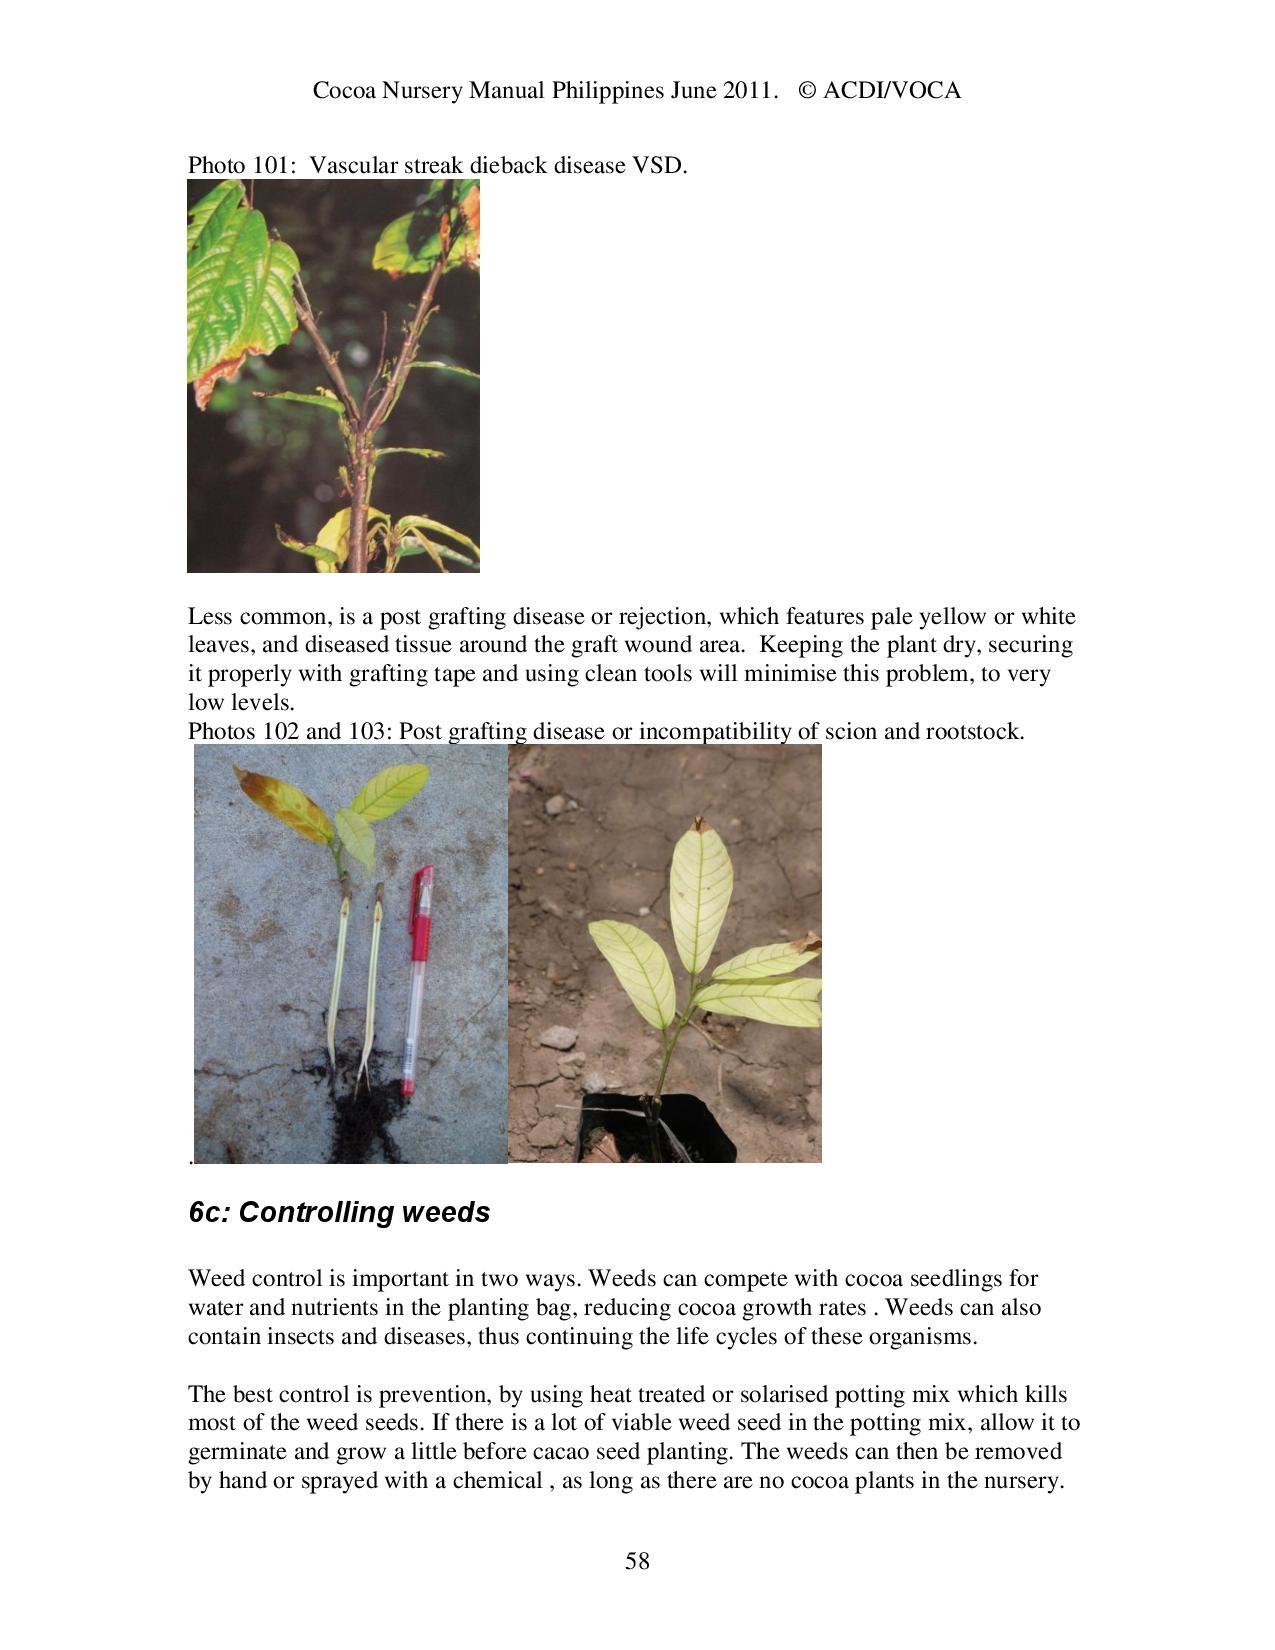 Cocoa-Nursery-Manual-2011_acdi-voca-page-058